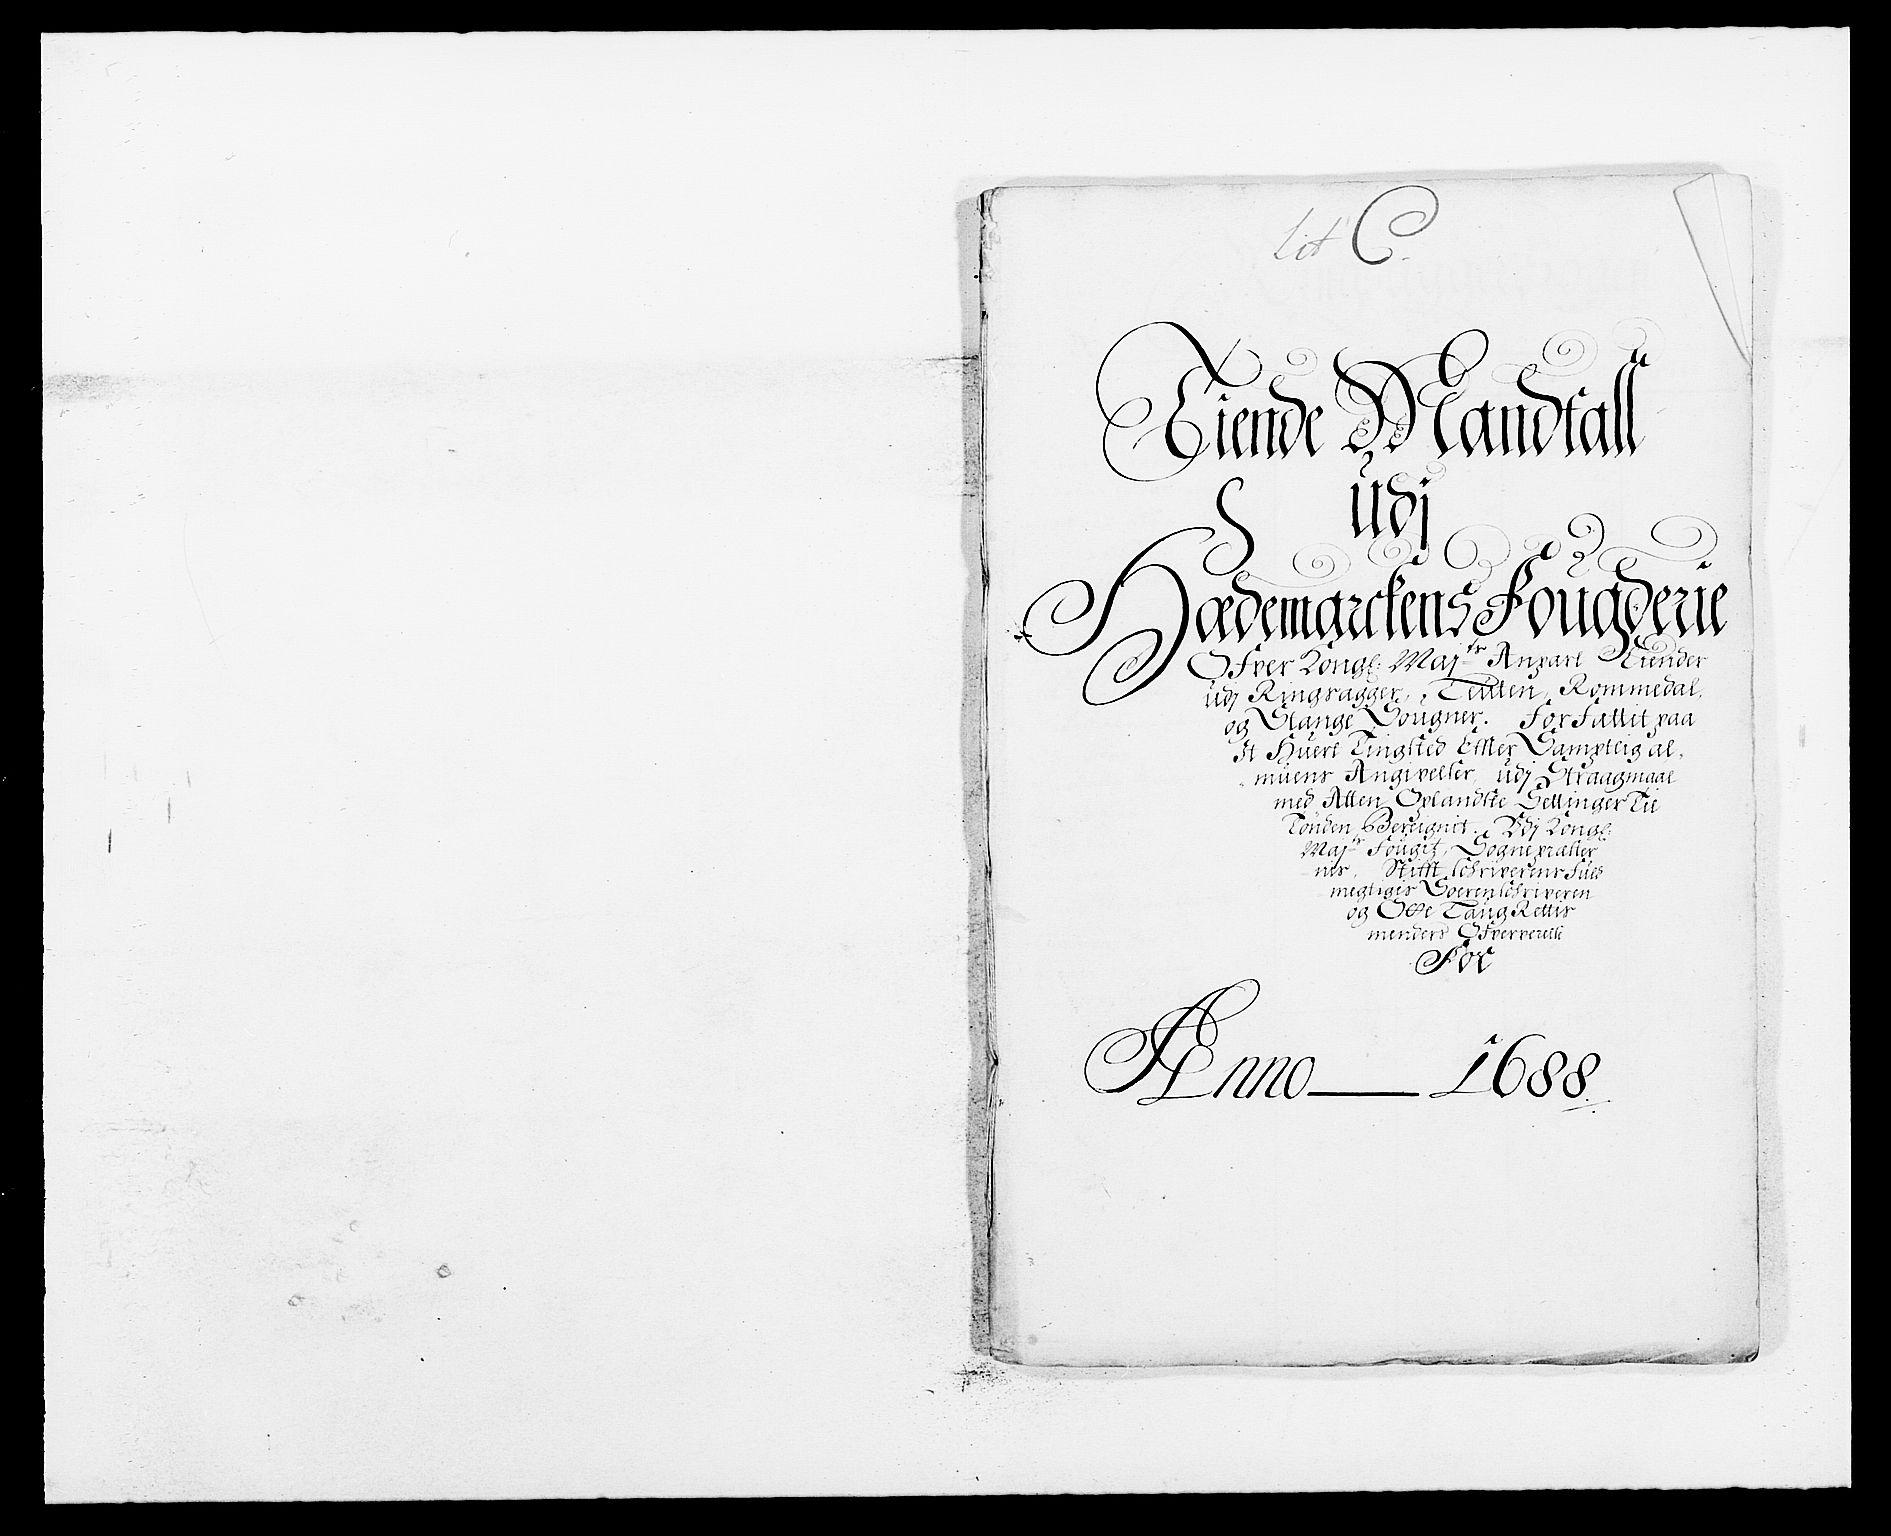 RA, Rentekammeret inntil 1814, Reviderte regnskaper, Fogderegnskap, R16/L1029: Fogderegnskap Hedmark, 1688, s. 229